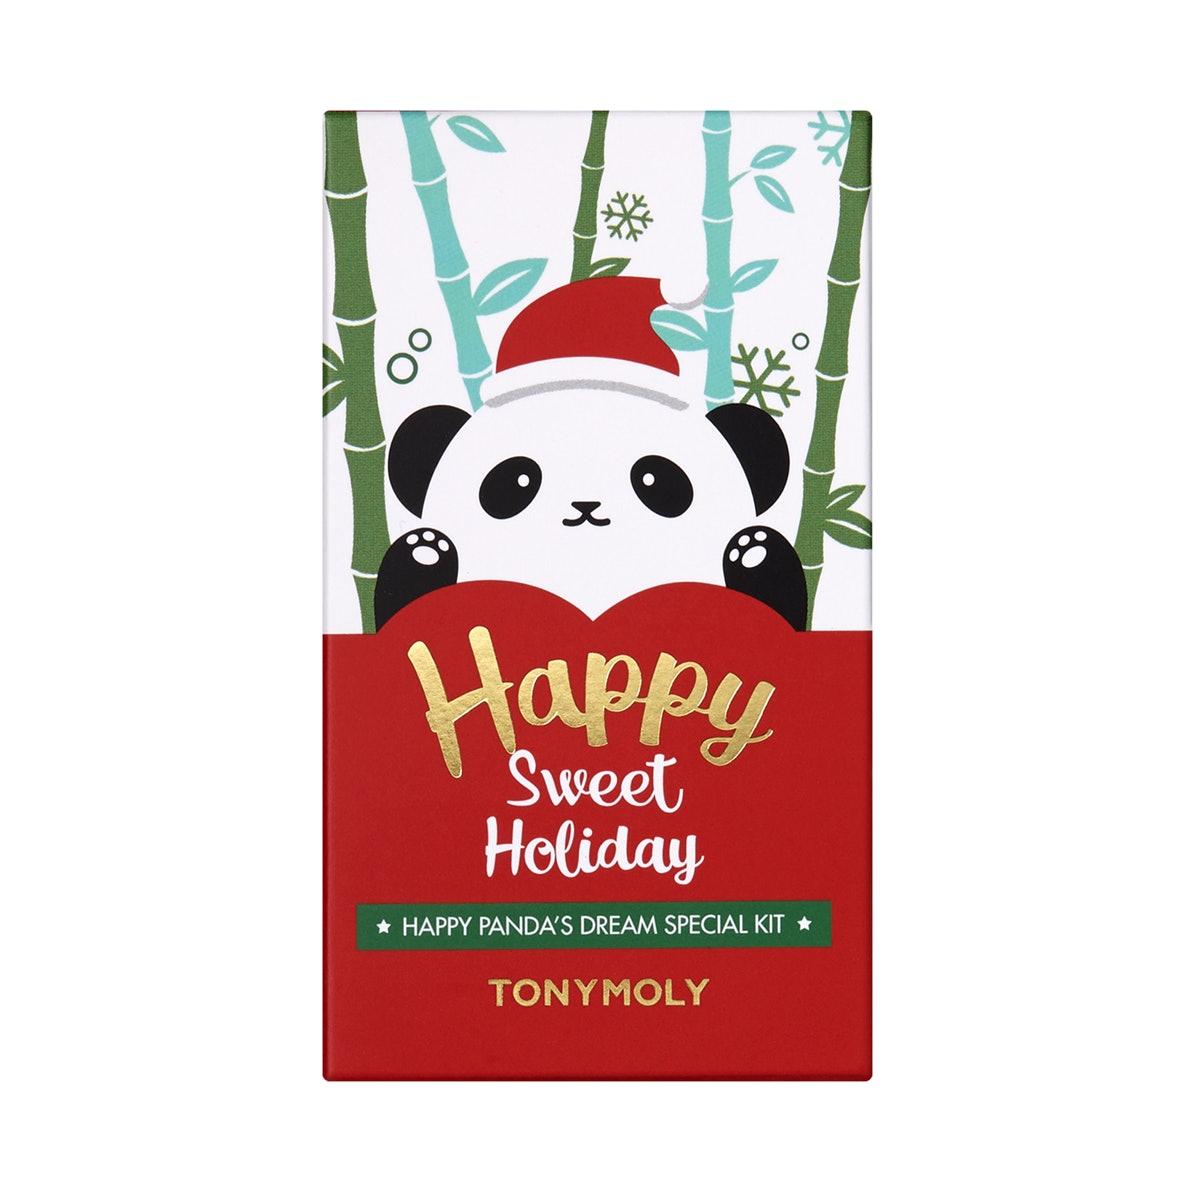 Tony Moly Happy Panda's Dream Special Kit